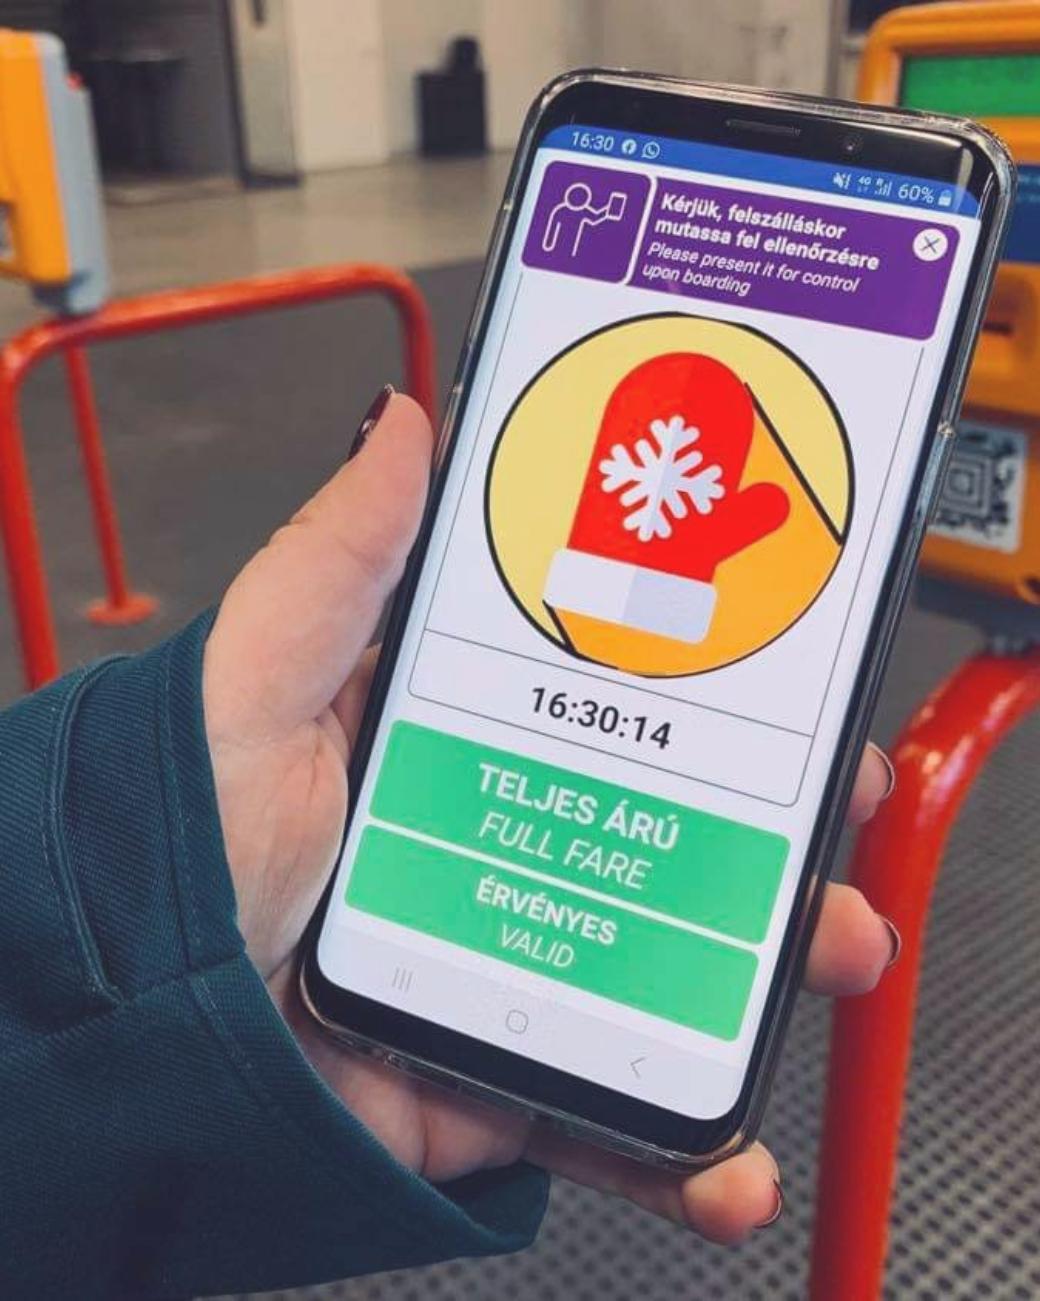 Zo gebruik je Mobiljegy; mobiele OV-kaart in Boedapest, foto van de animatie op een telefoon